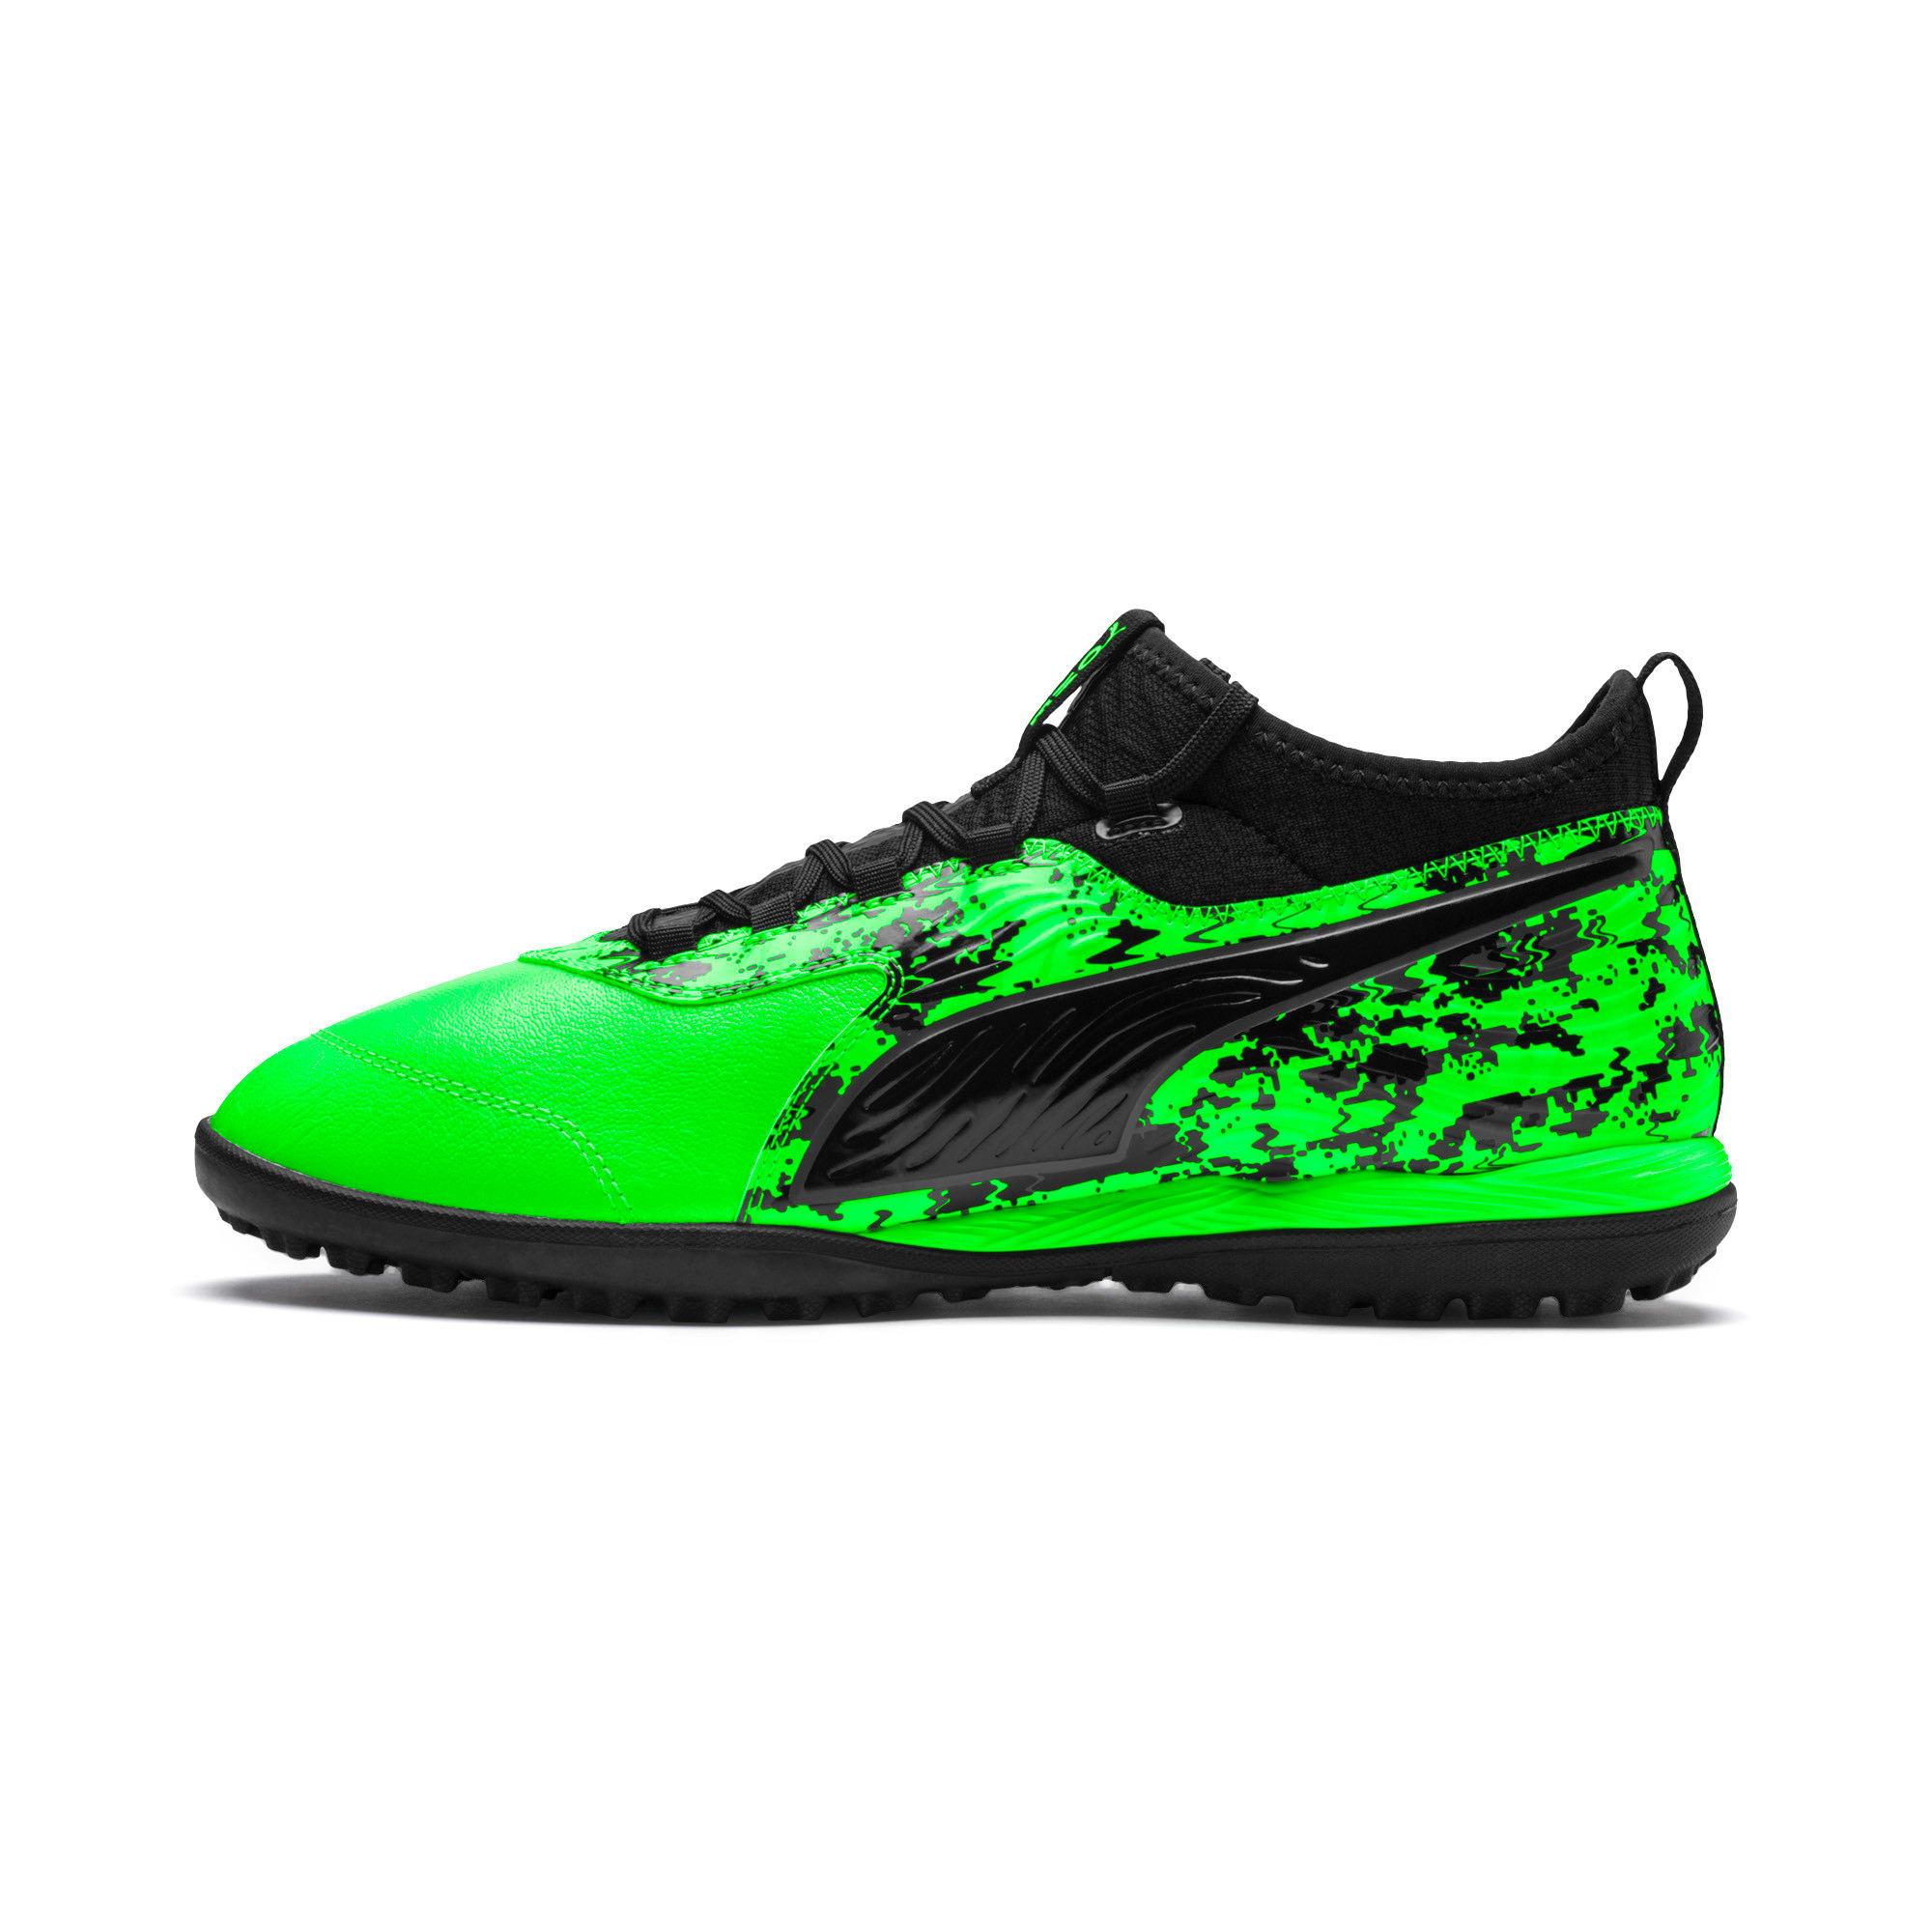 Miniatura 1 de Zapatos de fútbol PUMA ONE 19.3 TT para hombre, Green Gecko-Black-Gray, mediano